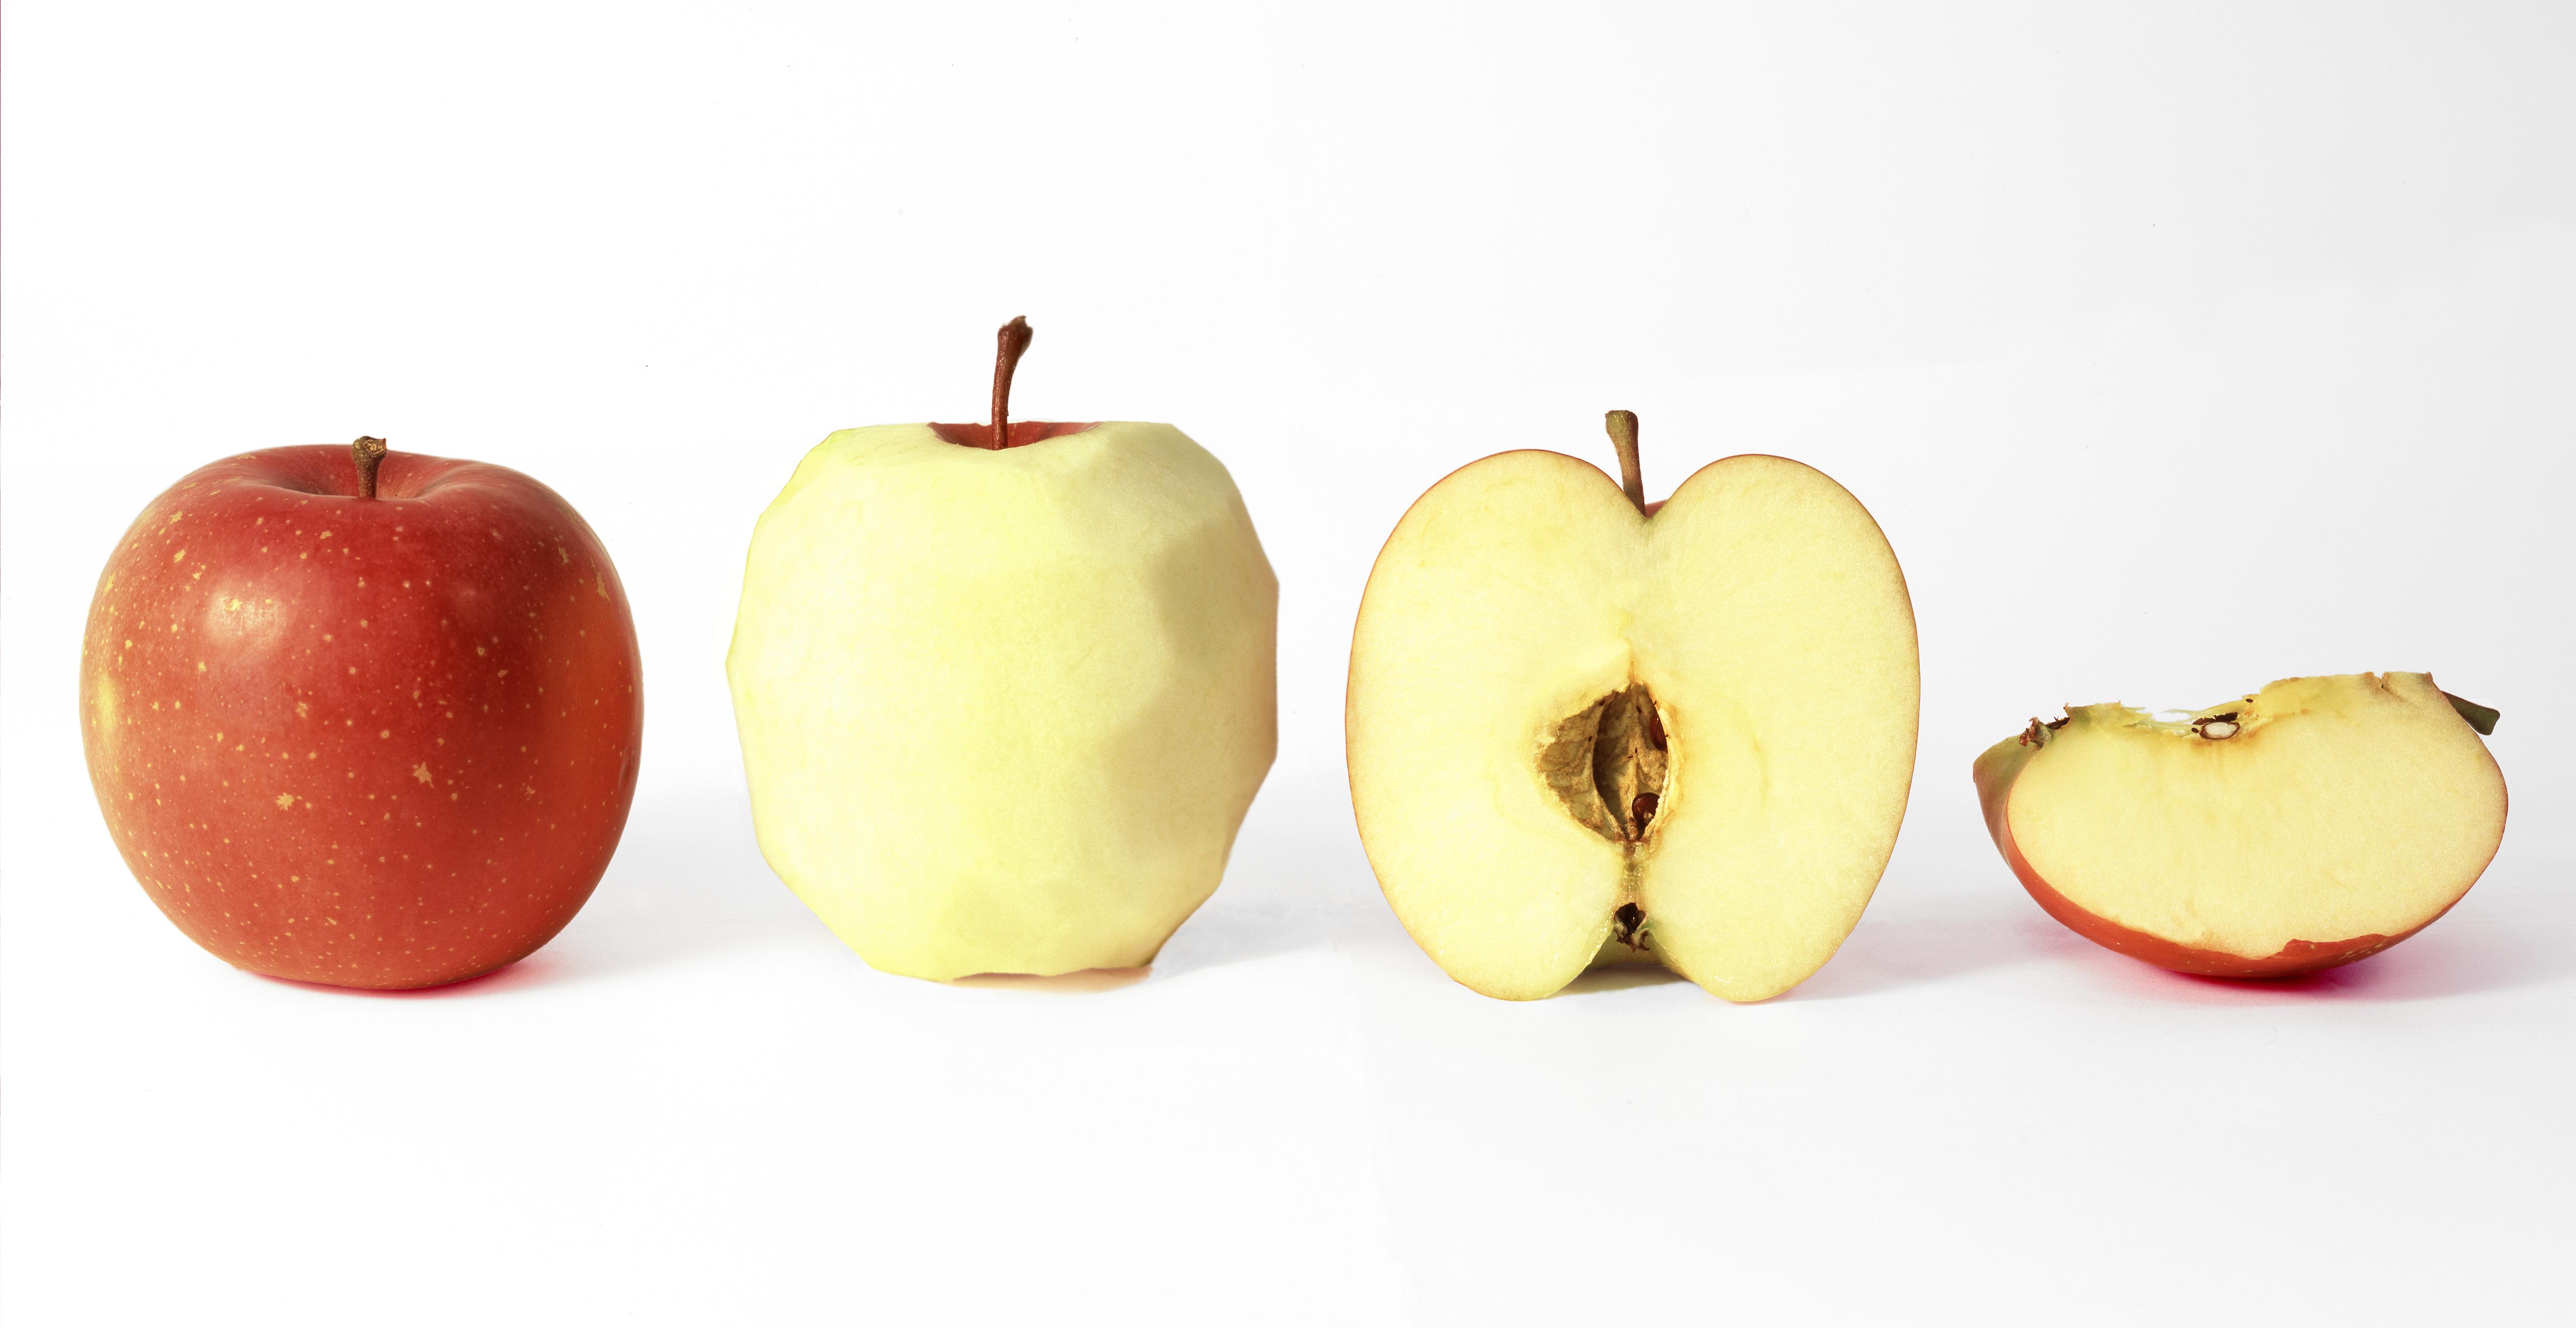 りんご、ringo、林檎